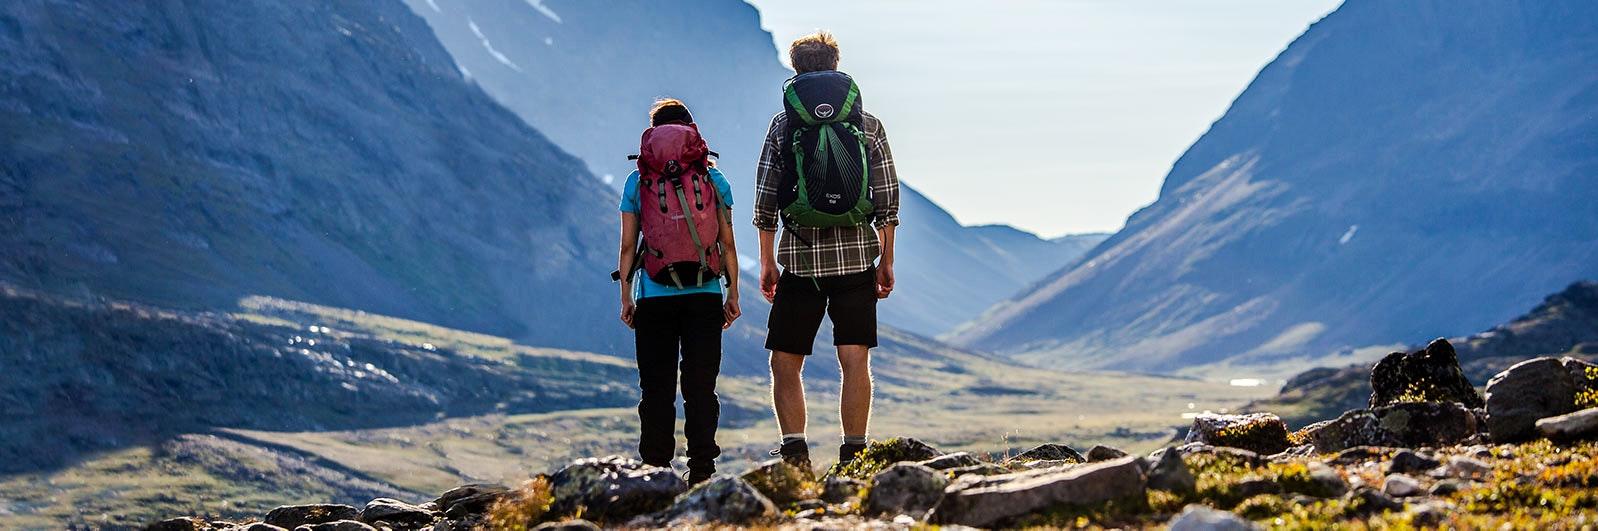 Två fjällvandrare beundrar utsikt över berg